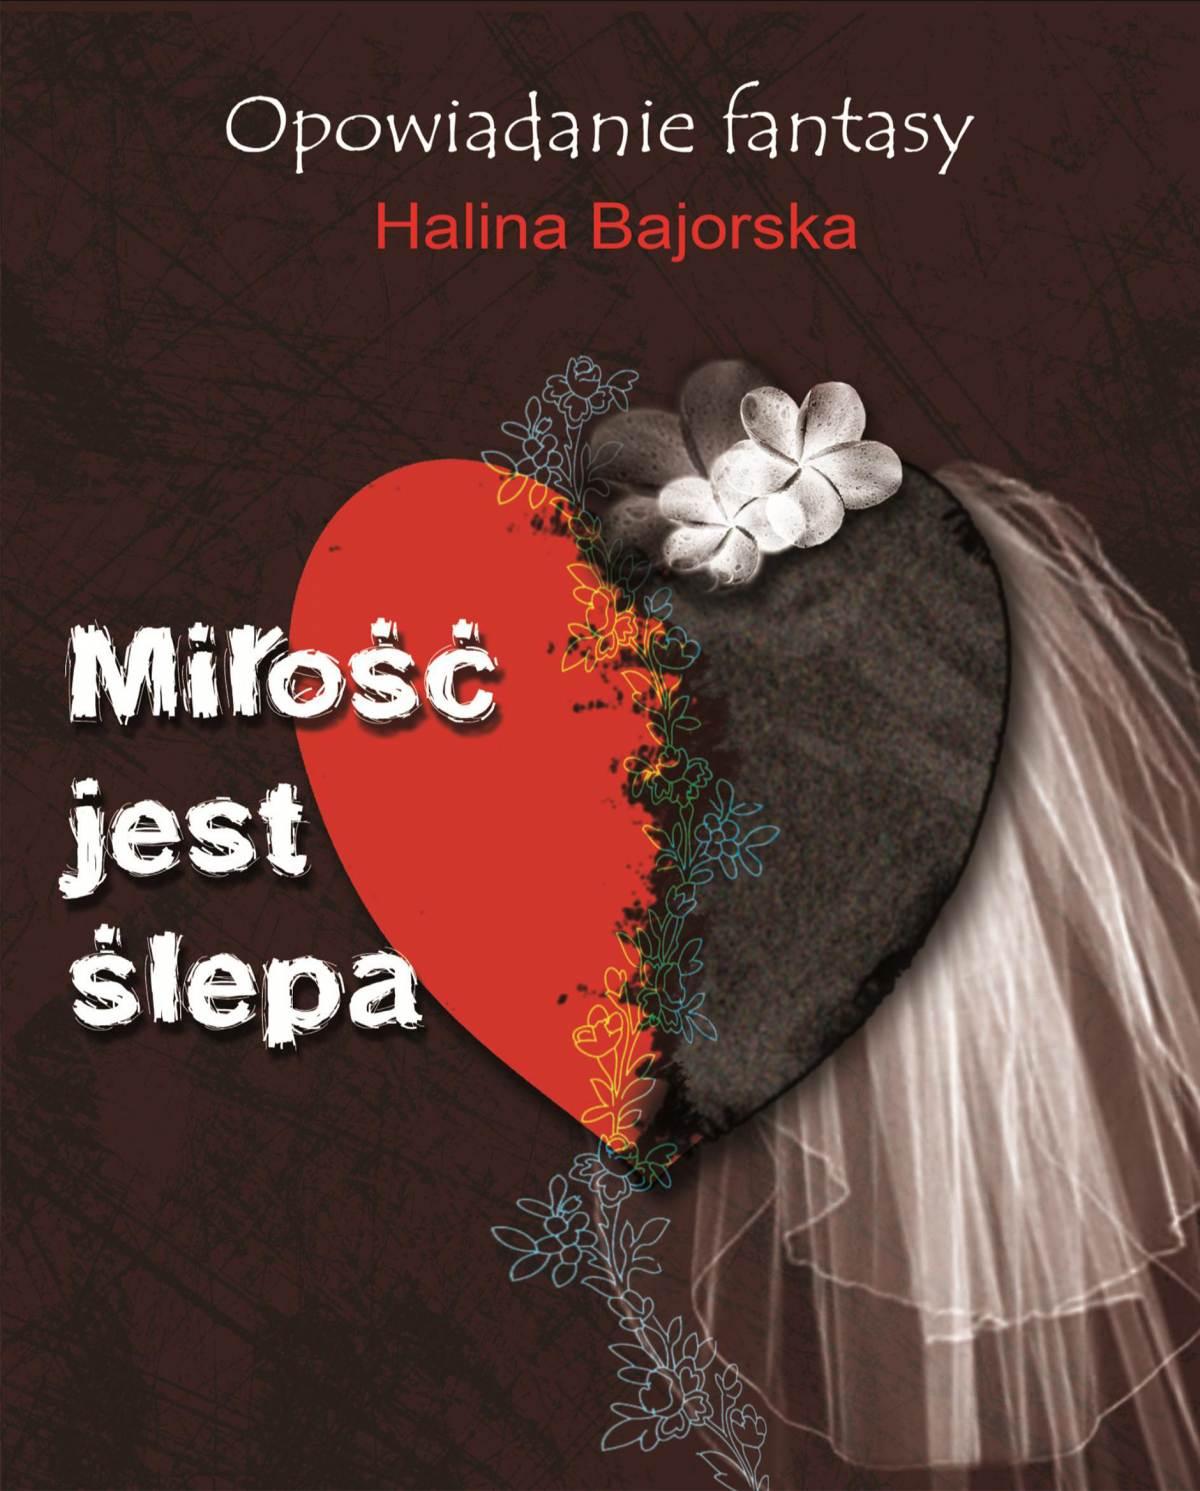 Miłość jest ślepa - Ebook (Książka na Kindle) do pobrania w formacie MOBI